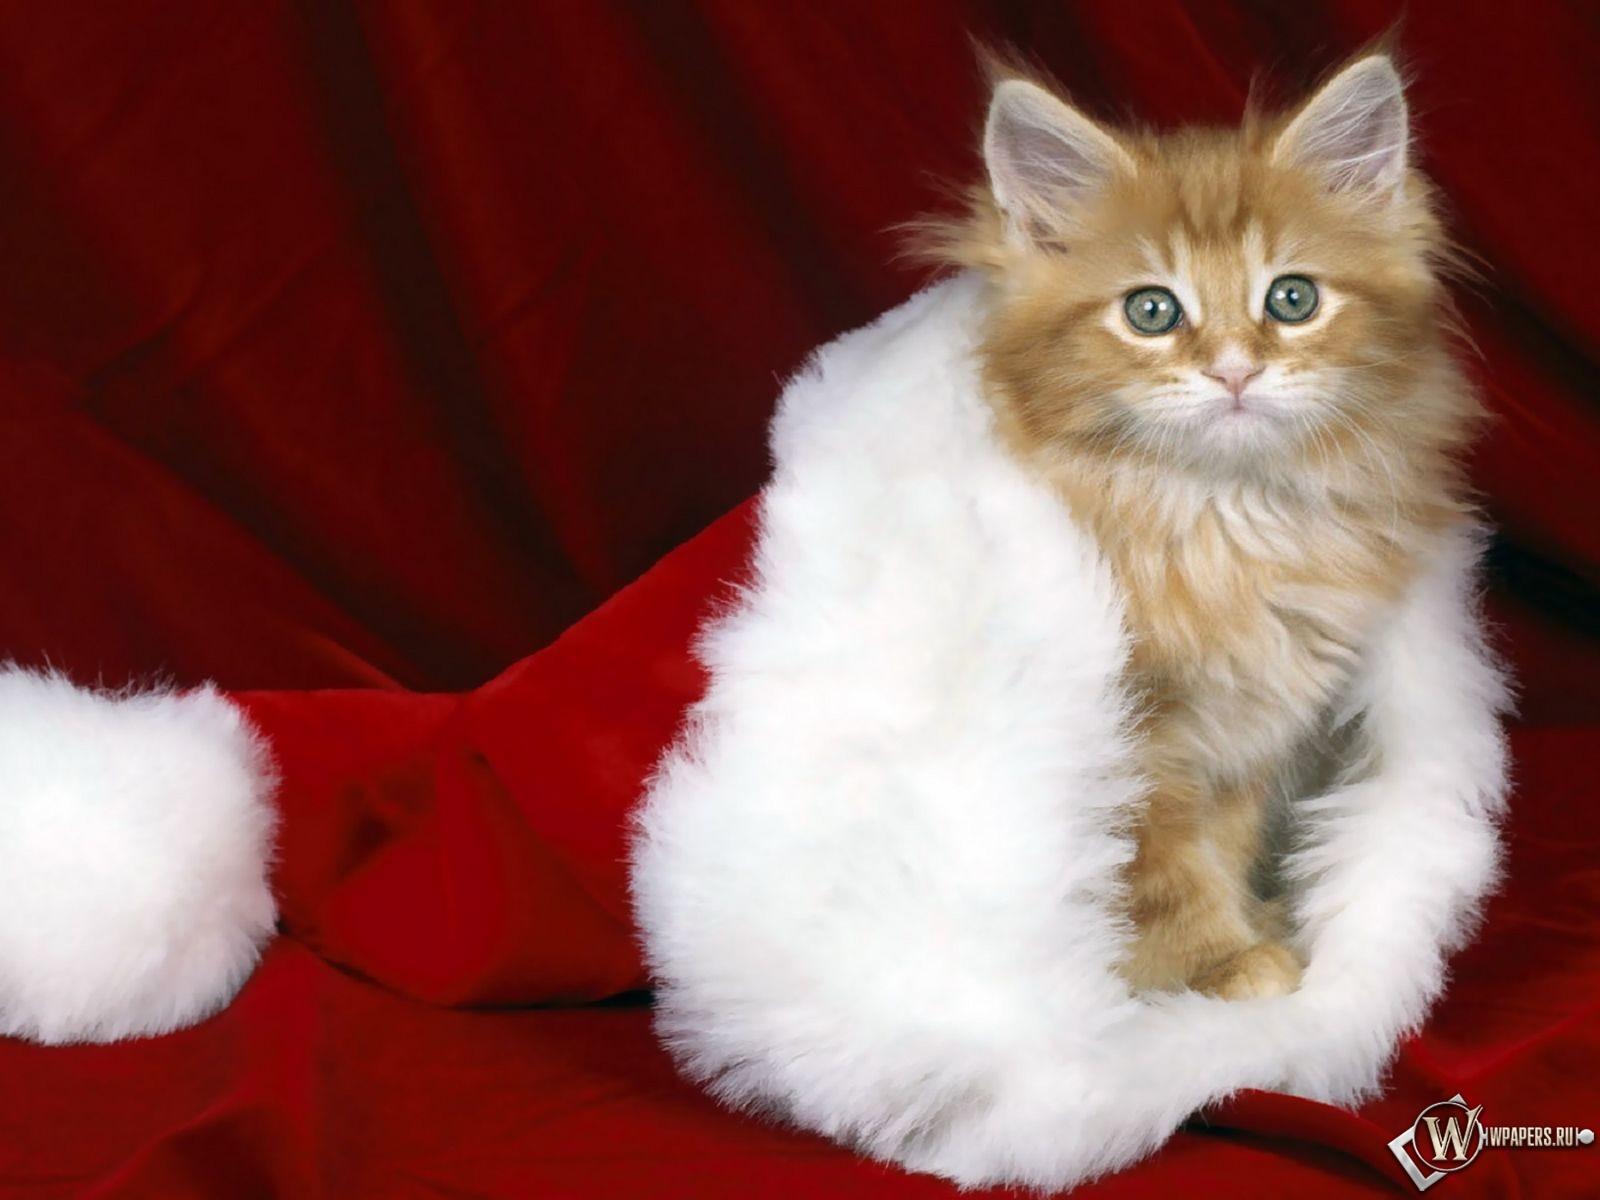 Кошки тоже любят Новый год 1600x1200